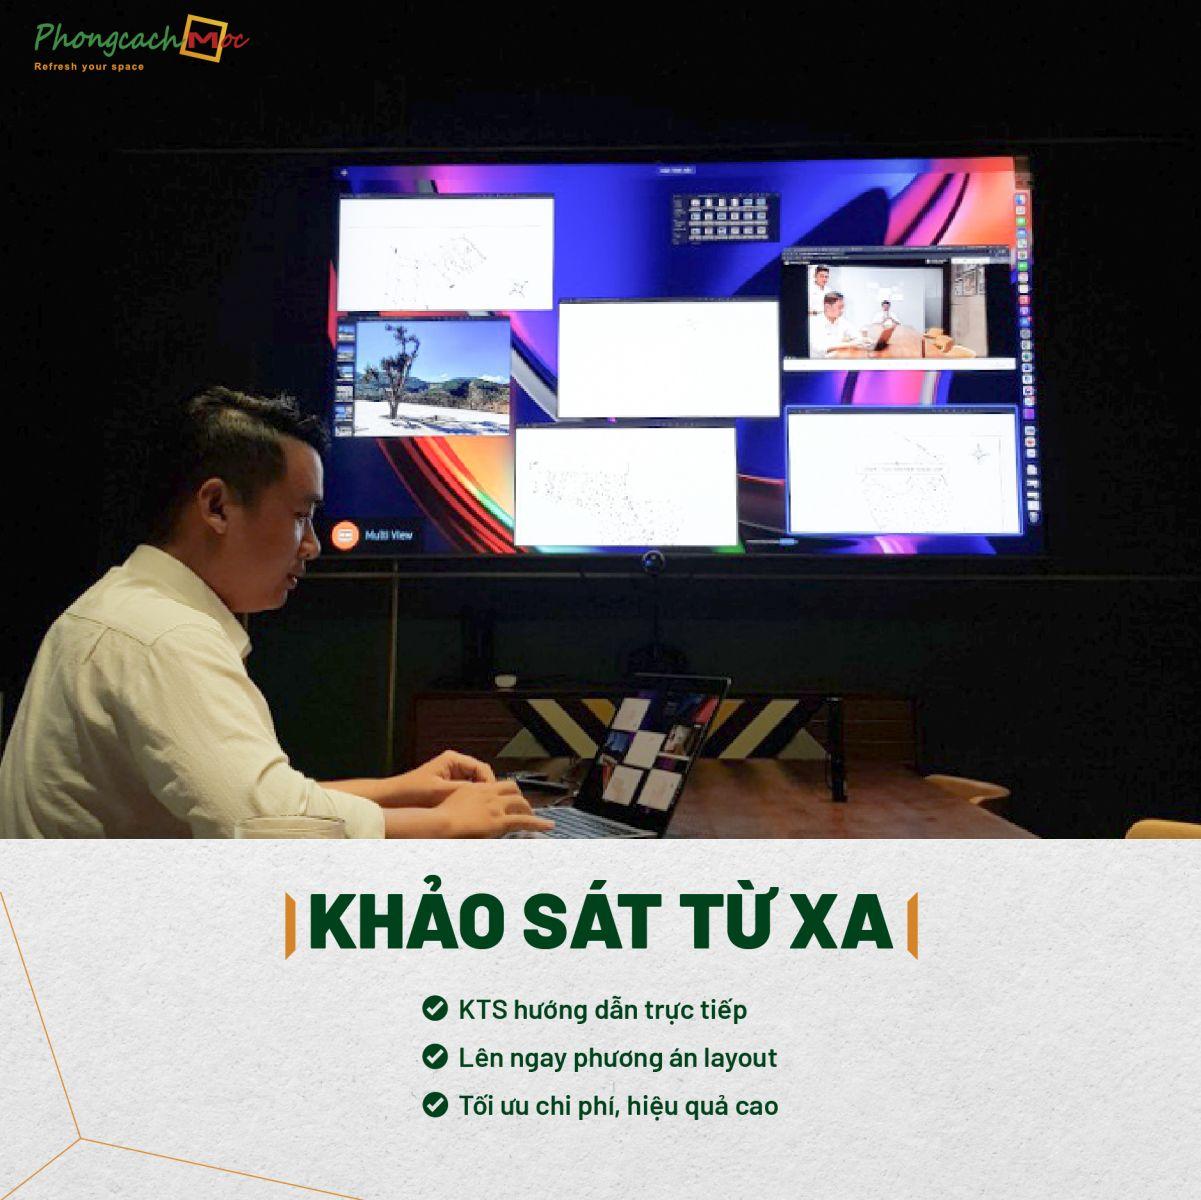 khao-sat-tu-xa